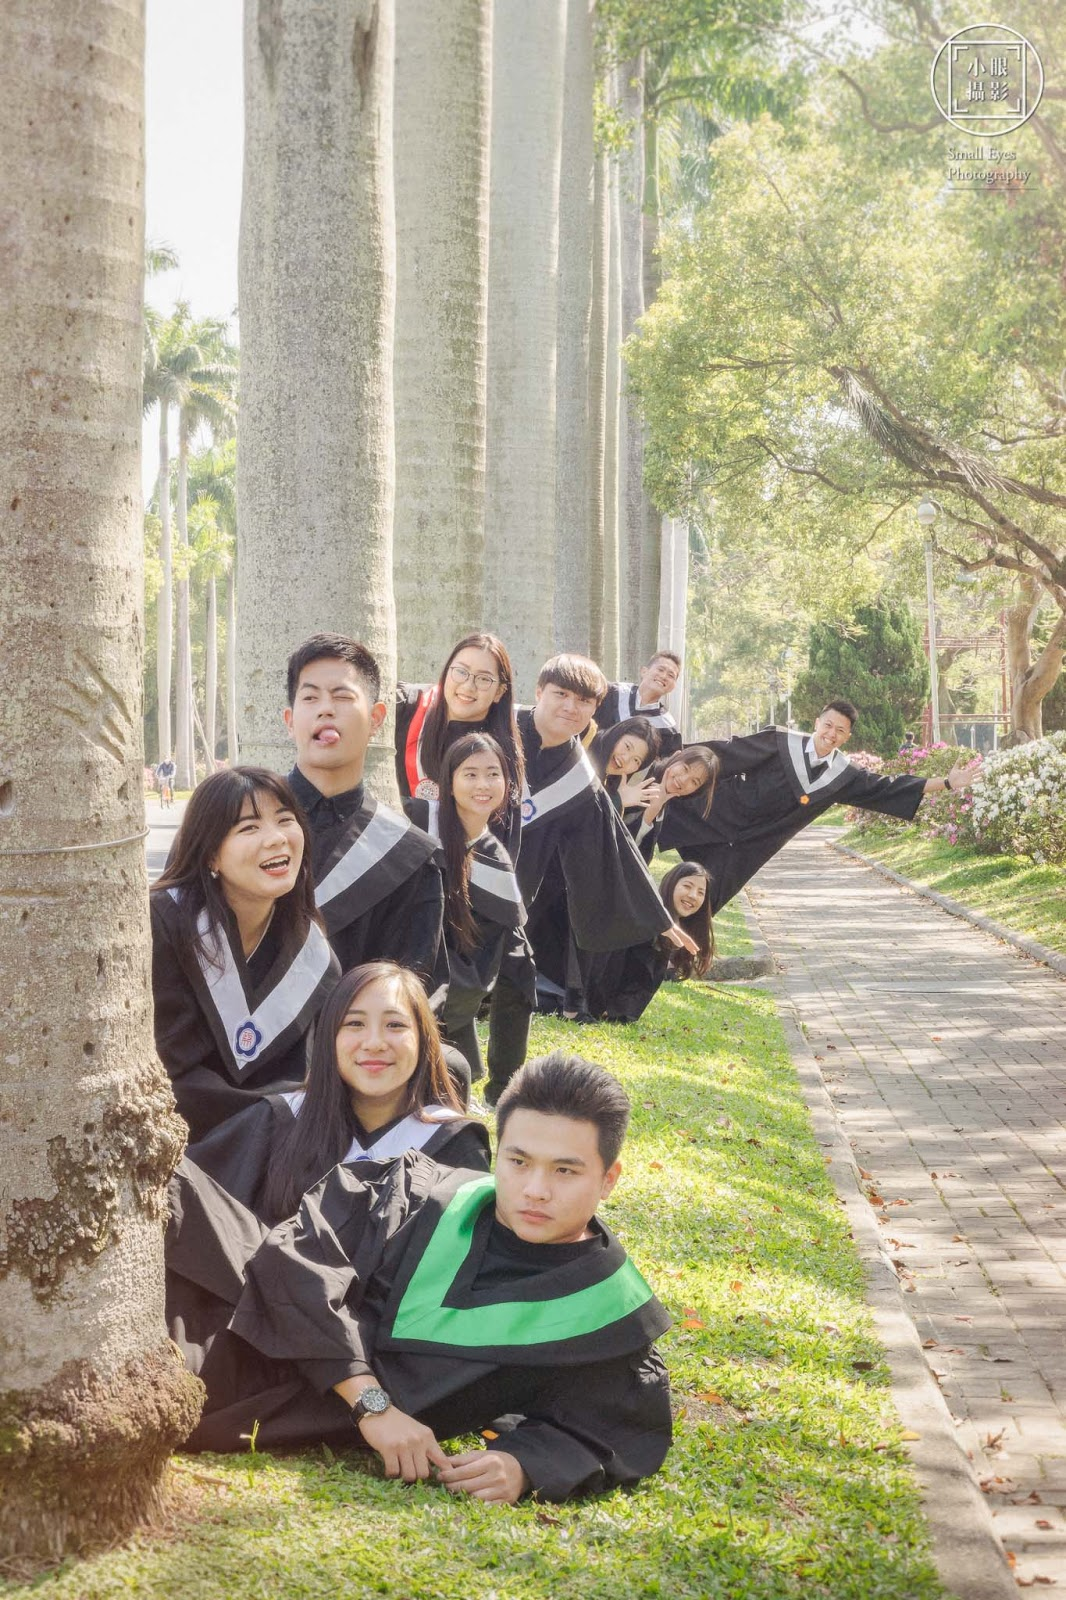 人像, 人像‧寫真, 大學, 小眼攝影, 畢業照, 碩士, 碩班, 學士, 博士,台大,政大,輔大,東吳,高餐,創意,搞怪, 畢業,馬來西亞